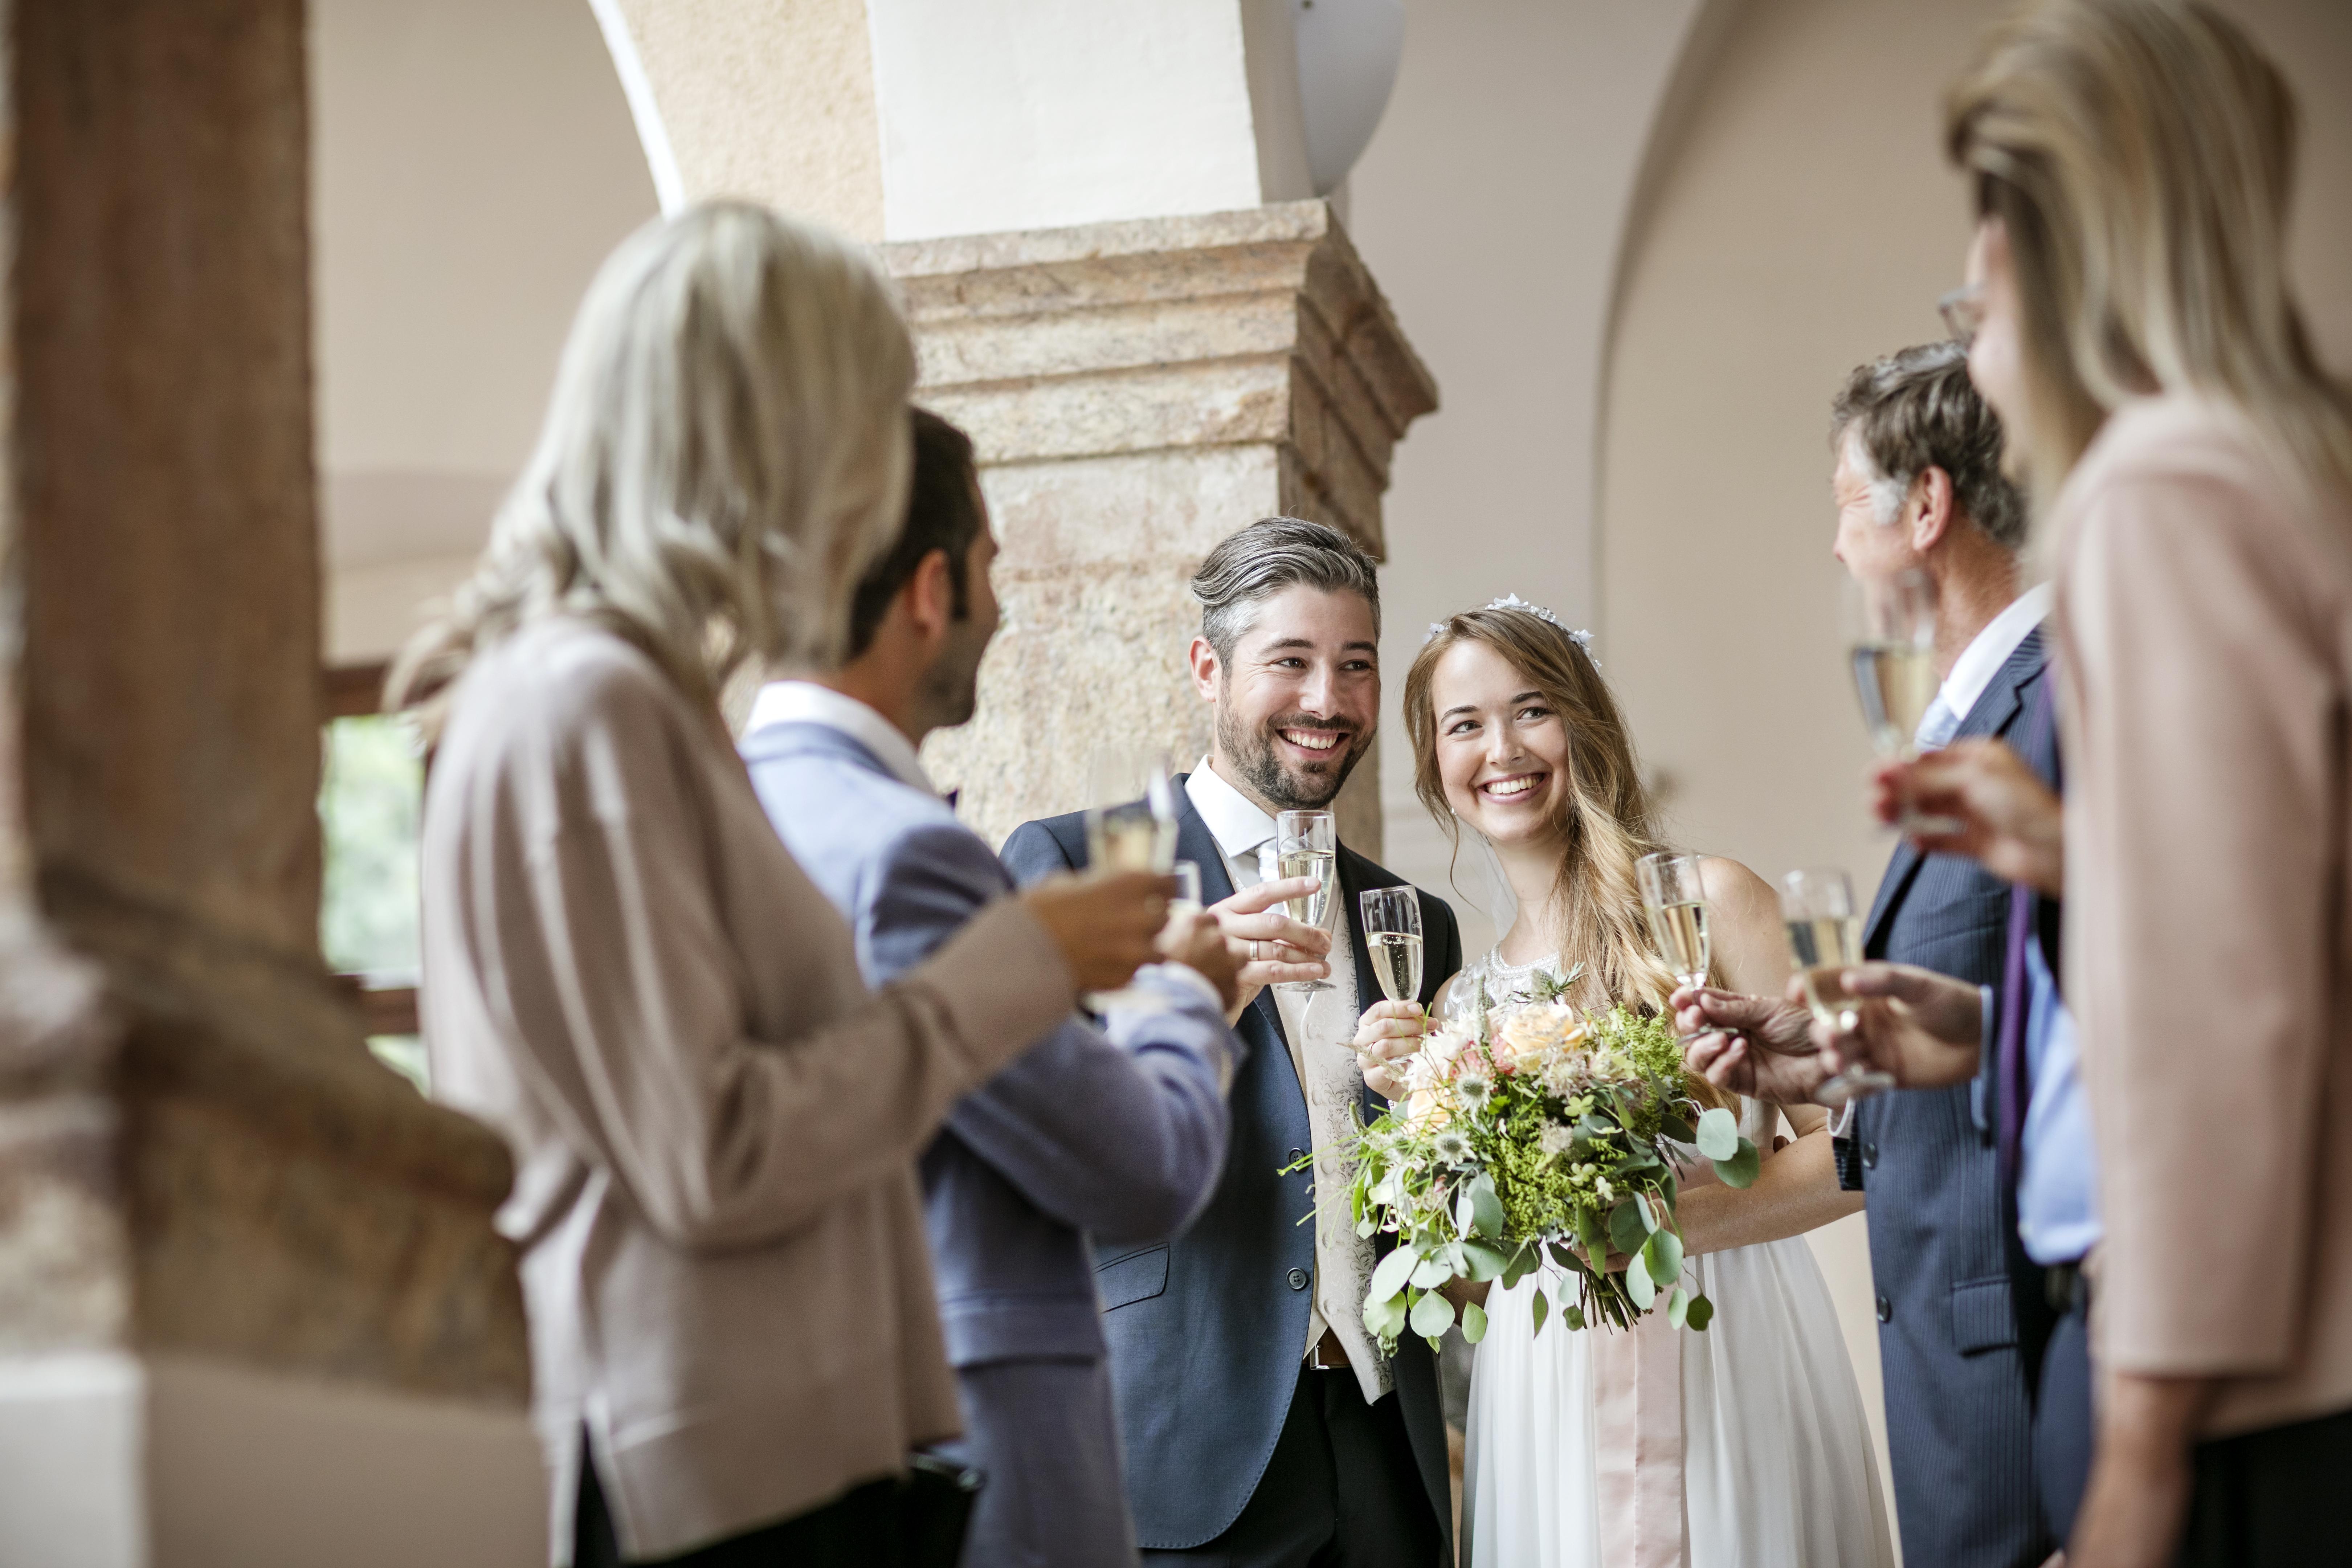 Sie sehen ein Brautpaar beim Hochzeitsempfang im JUFA Hotel Schloss Röthelstein/Admont***. Der Ort für märchenhafte Hochzeiten und erfolgreiche und kreative Seminare.